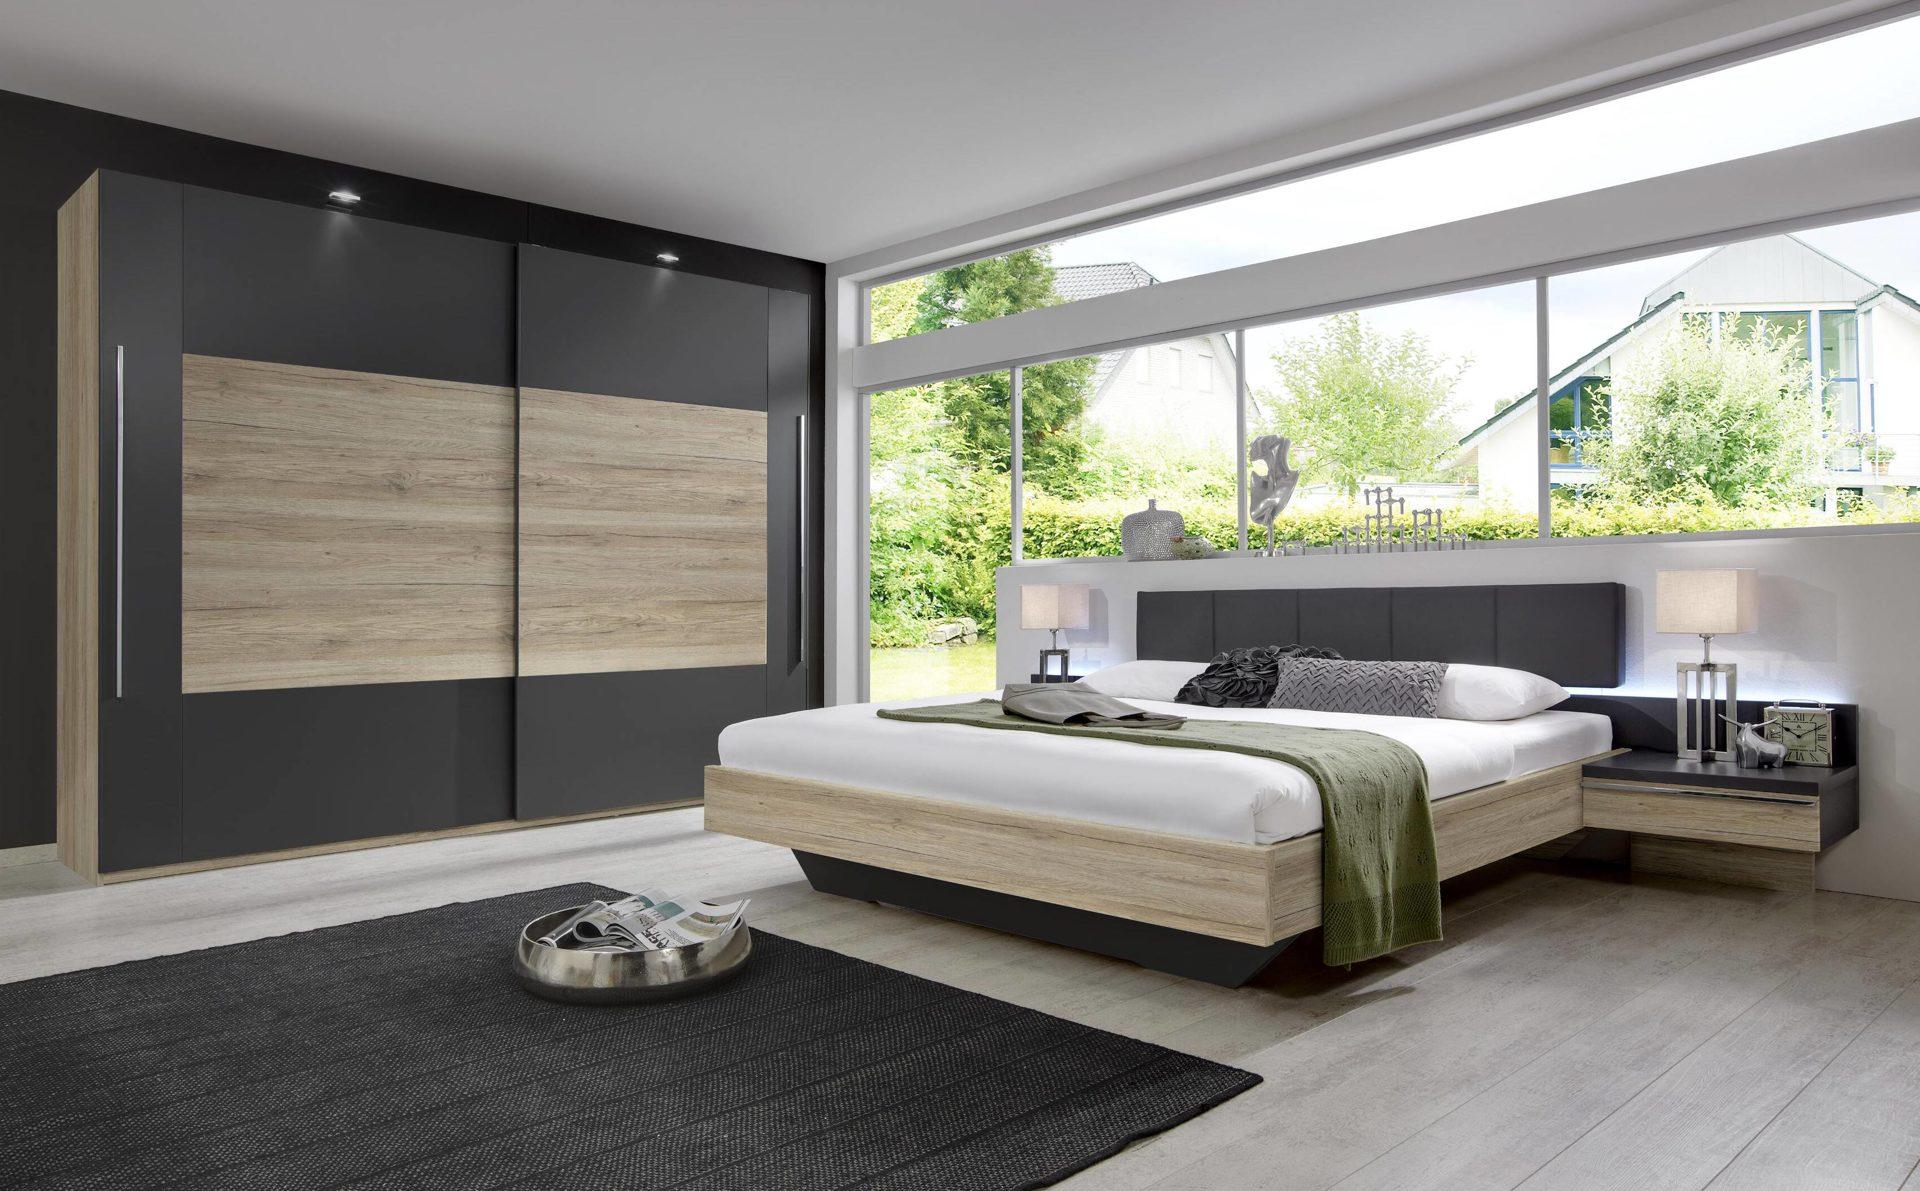 modernes rauch Schlafzimmer mit Schwebetürenschrank